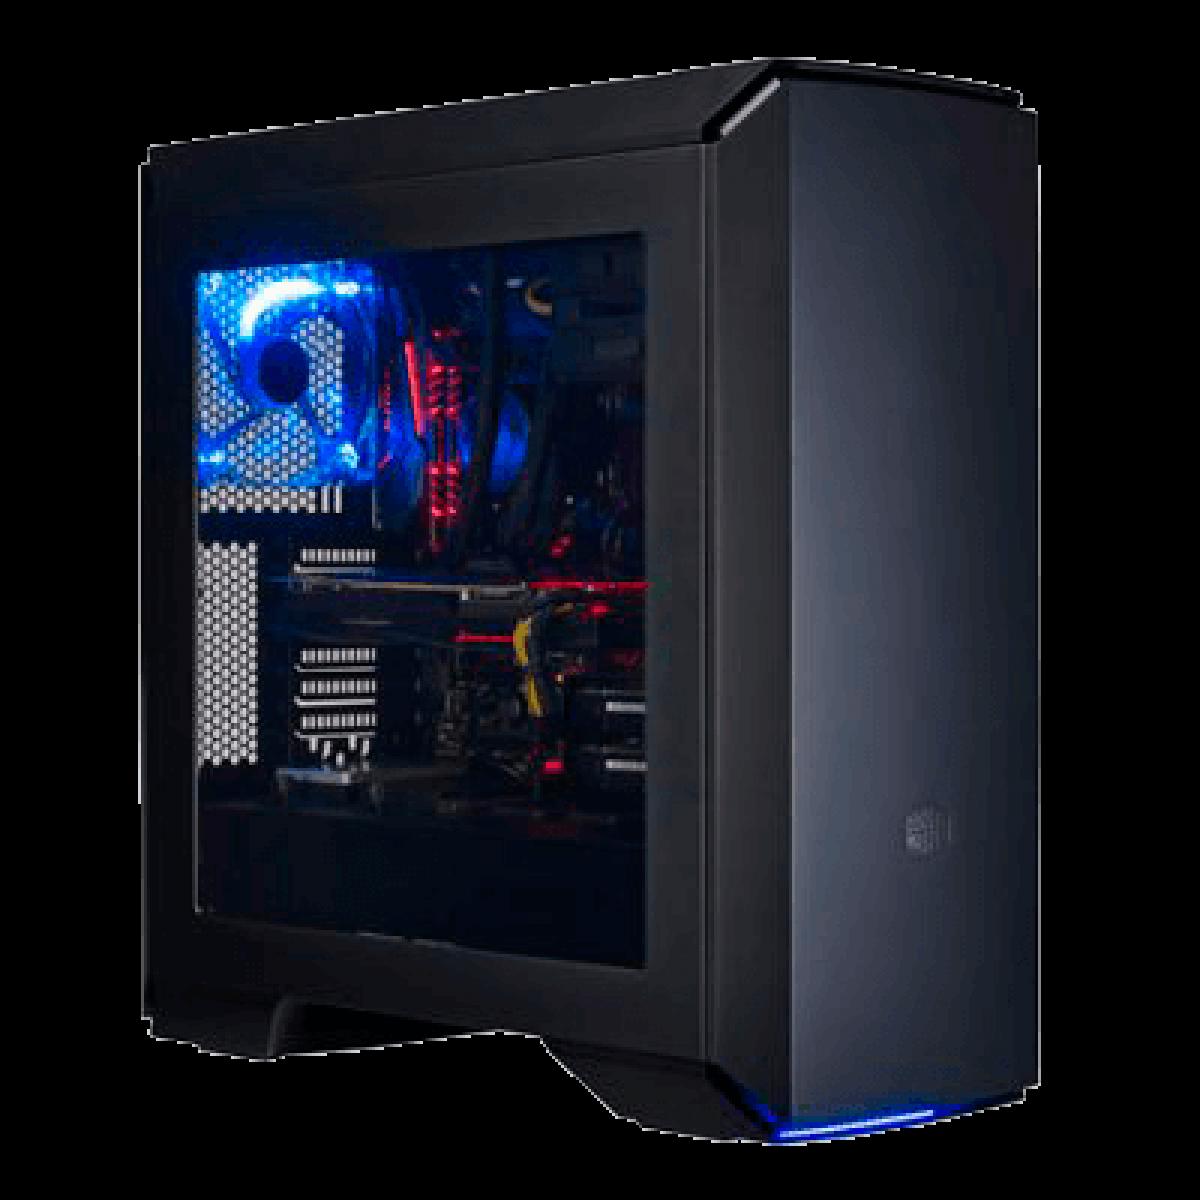 Gabinete Gamer Cooler Master Mastercase Pro 6, Mid Tower, Led Blue, Black, Sem Fonte, Com 3 fans, MCY-C6P2-KW5N